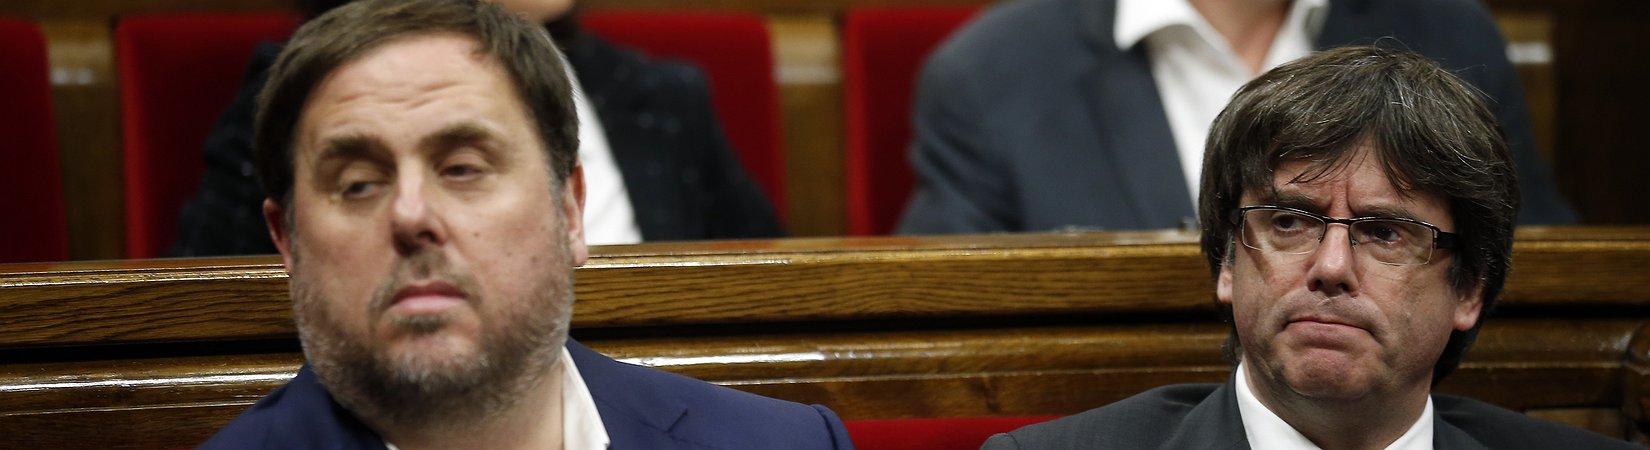 Aumenta la tensión entre Puigdemont y Junqueras